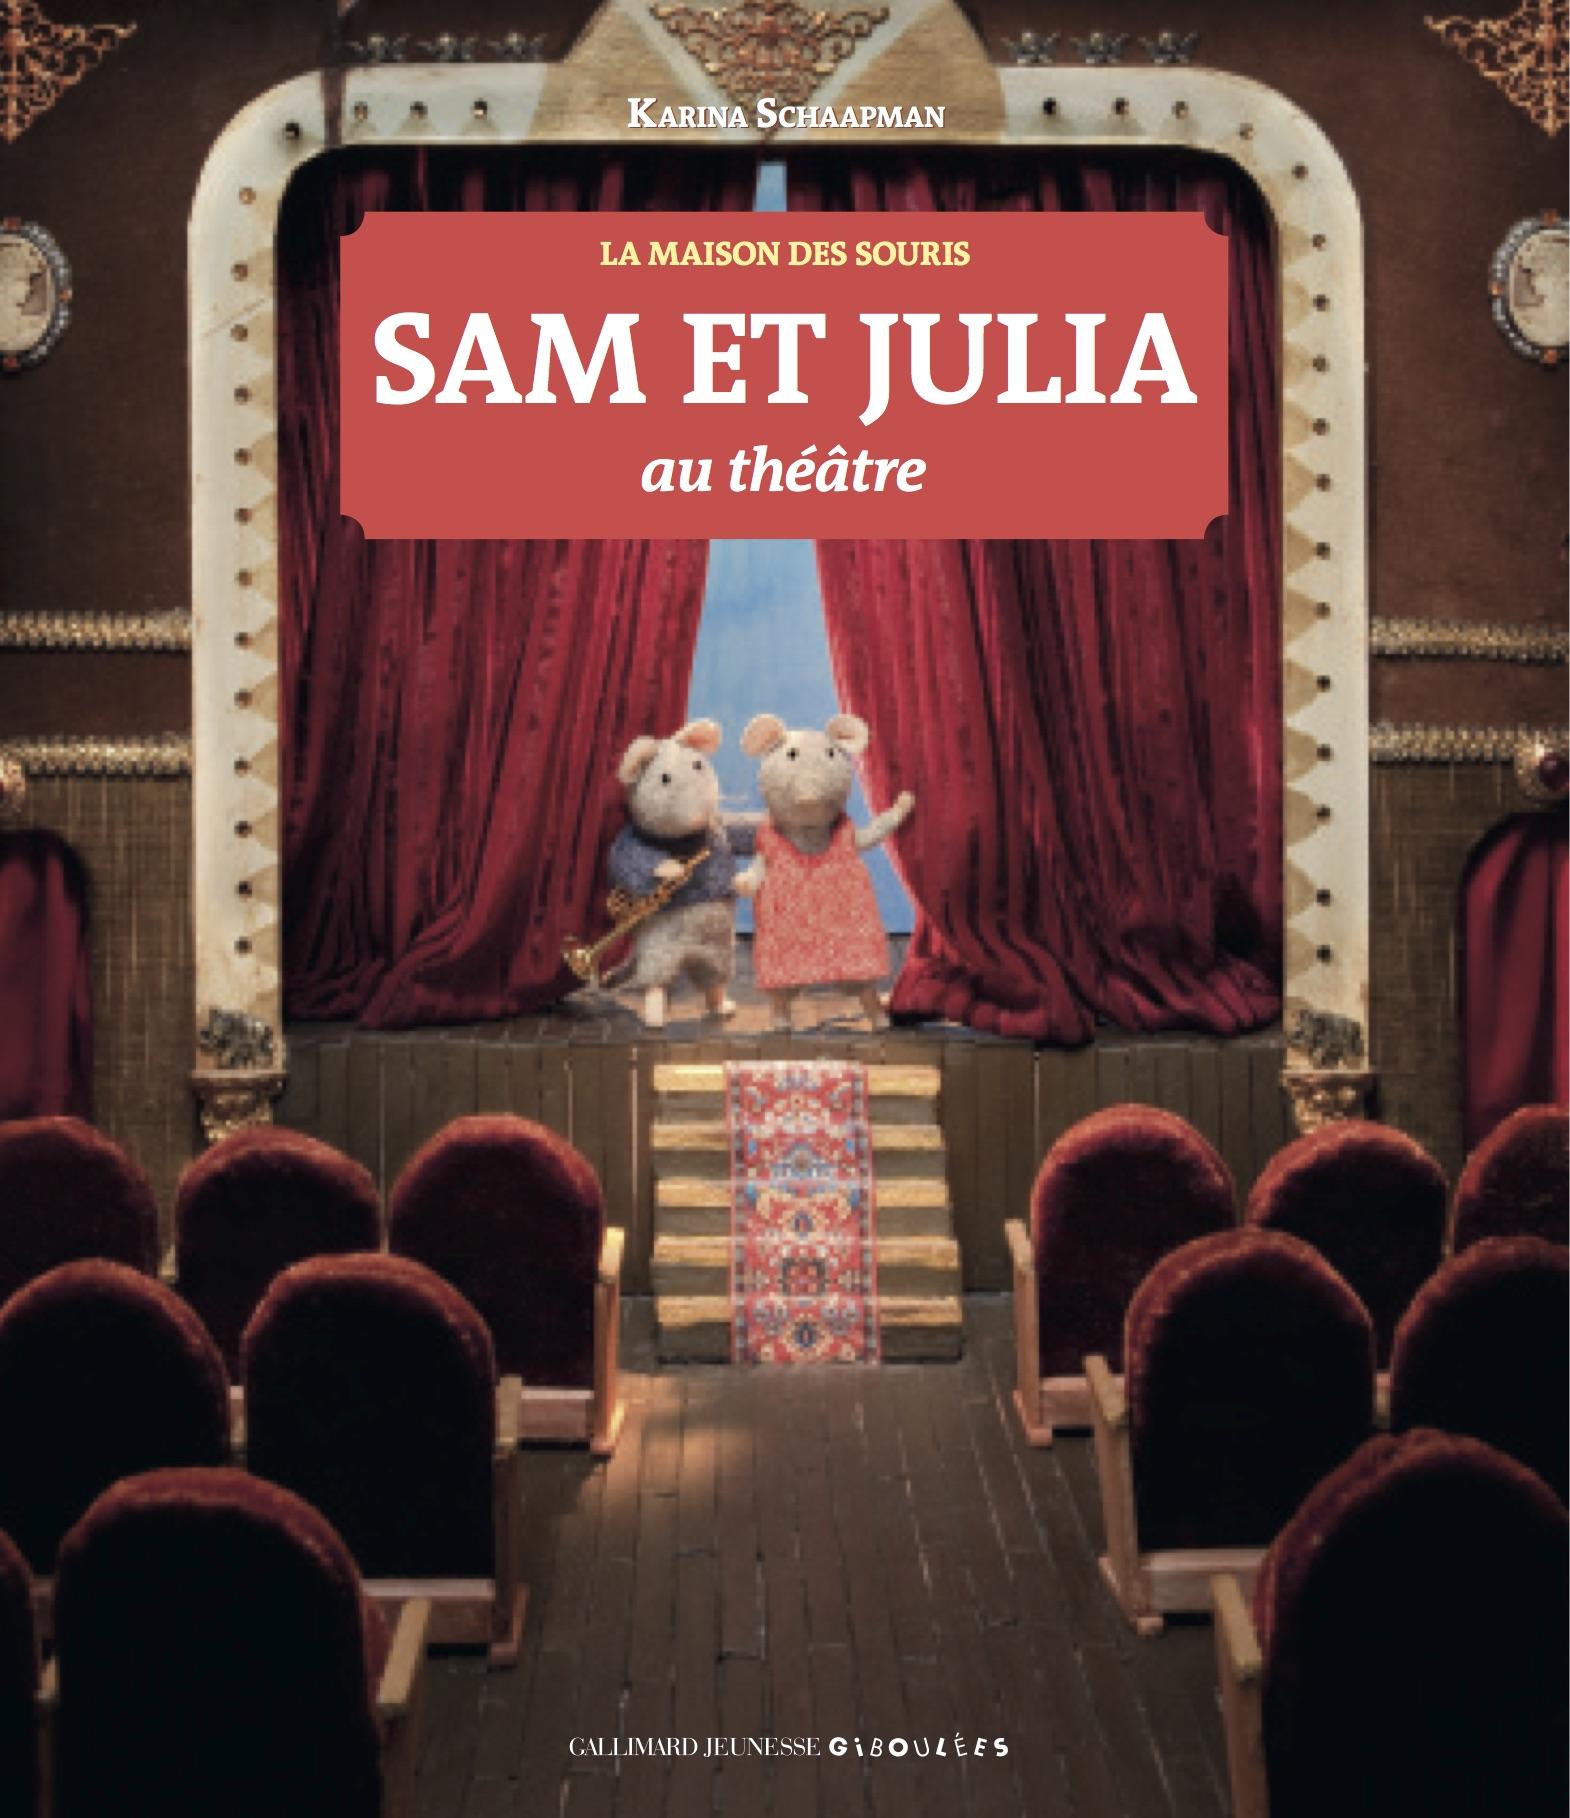 Sam et Julia au theatre